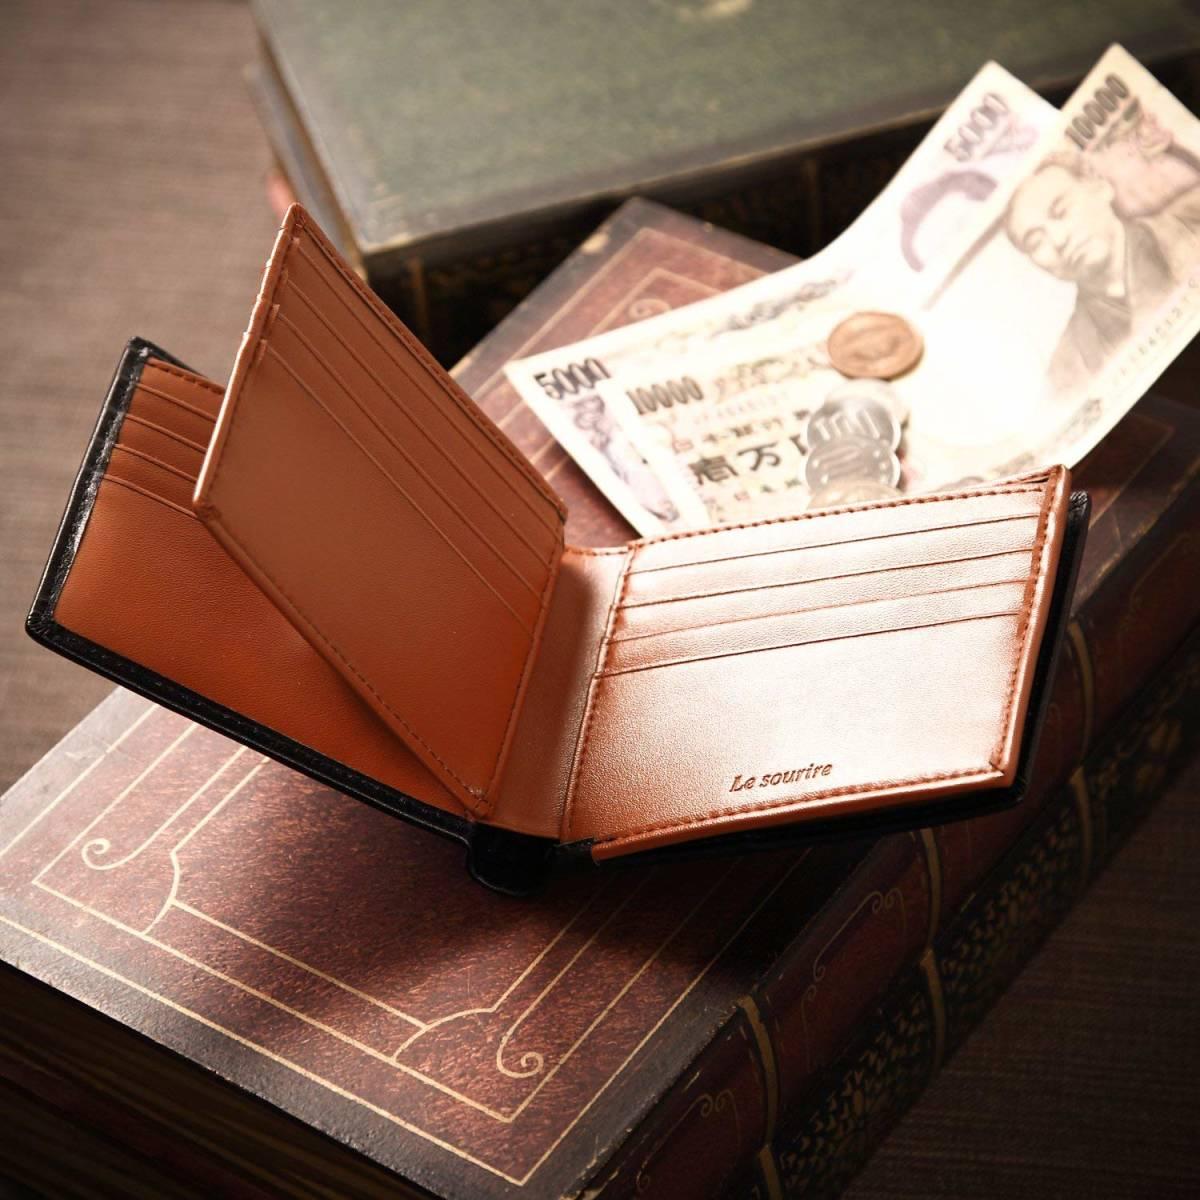 【送料無料】 [Le sourire] 二つ折り 財布 カード18枚収納 ボックス型小銭入れ 本革 メンズ ブラック ブラウン 黒 茶色_画像9